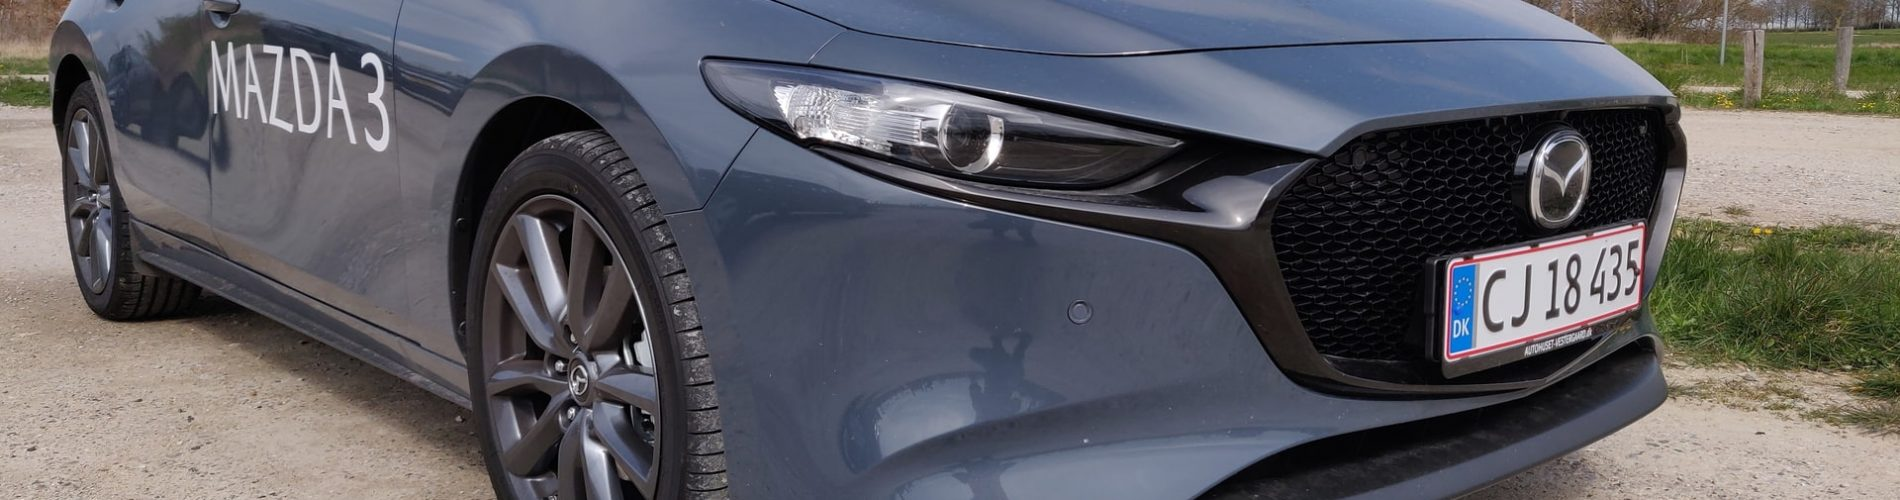 Mazda 3 forende